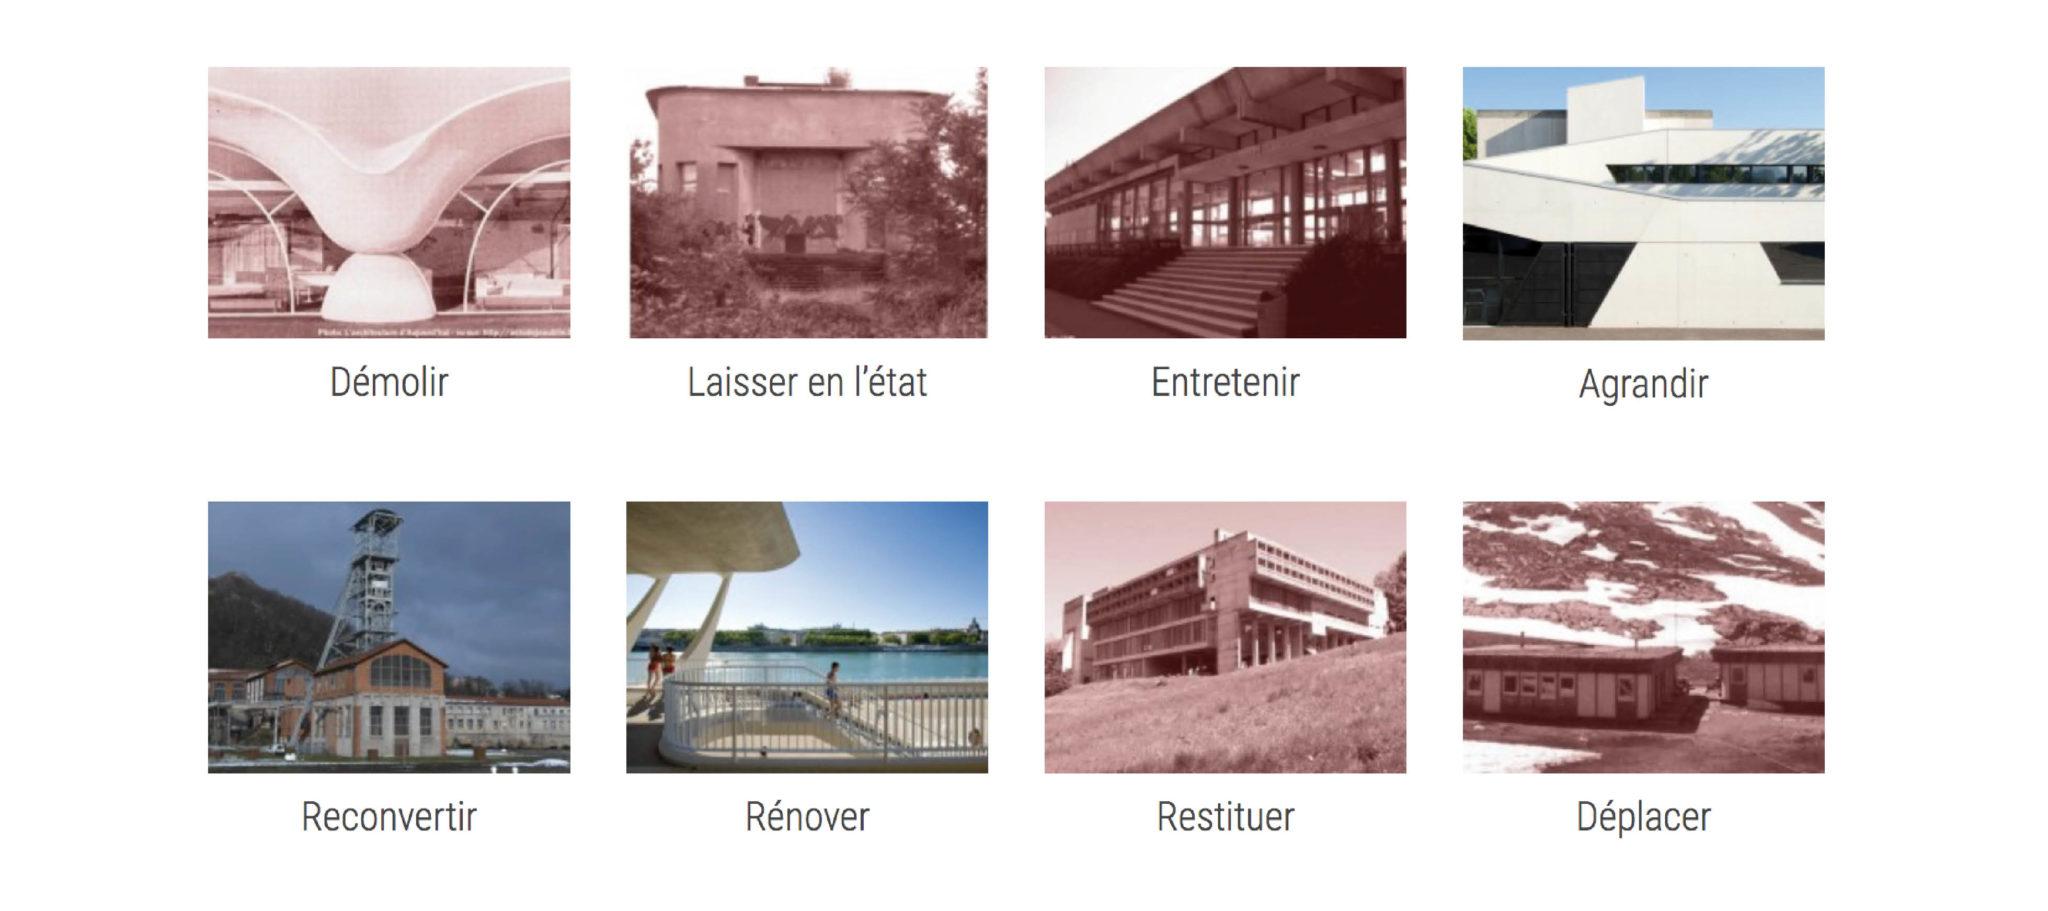 Comment intervenir sur l'architecture du XXe siècle ?